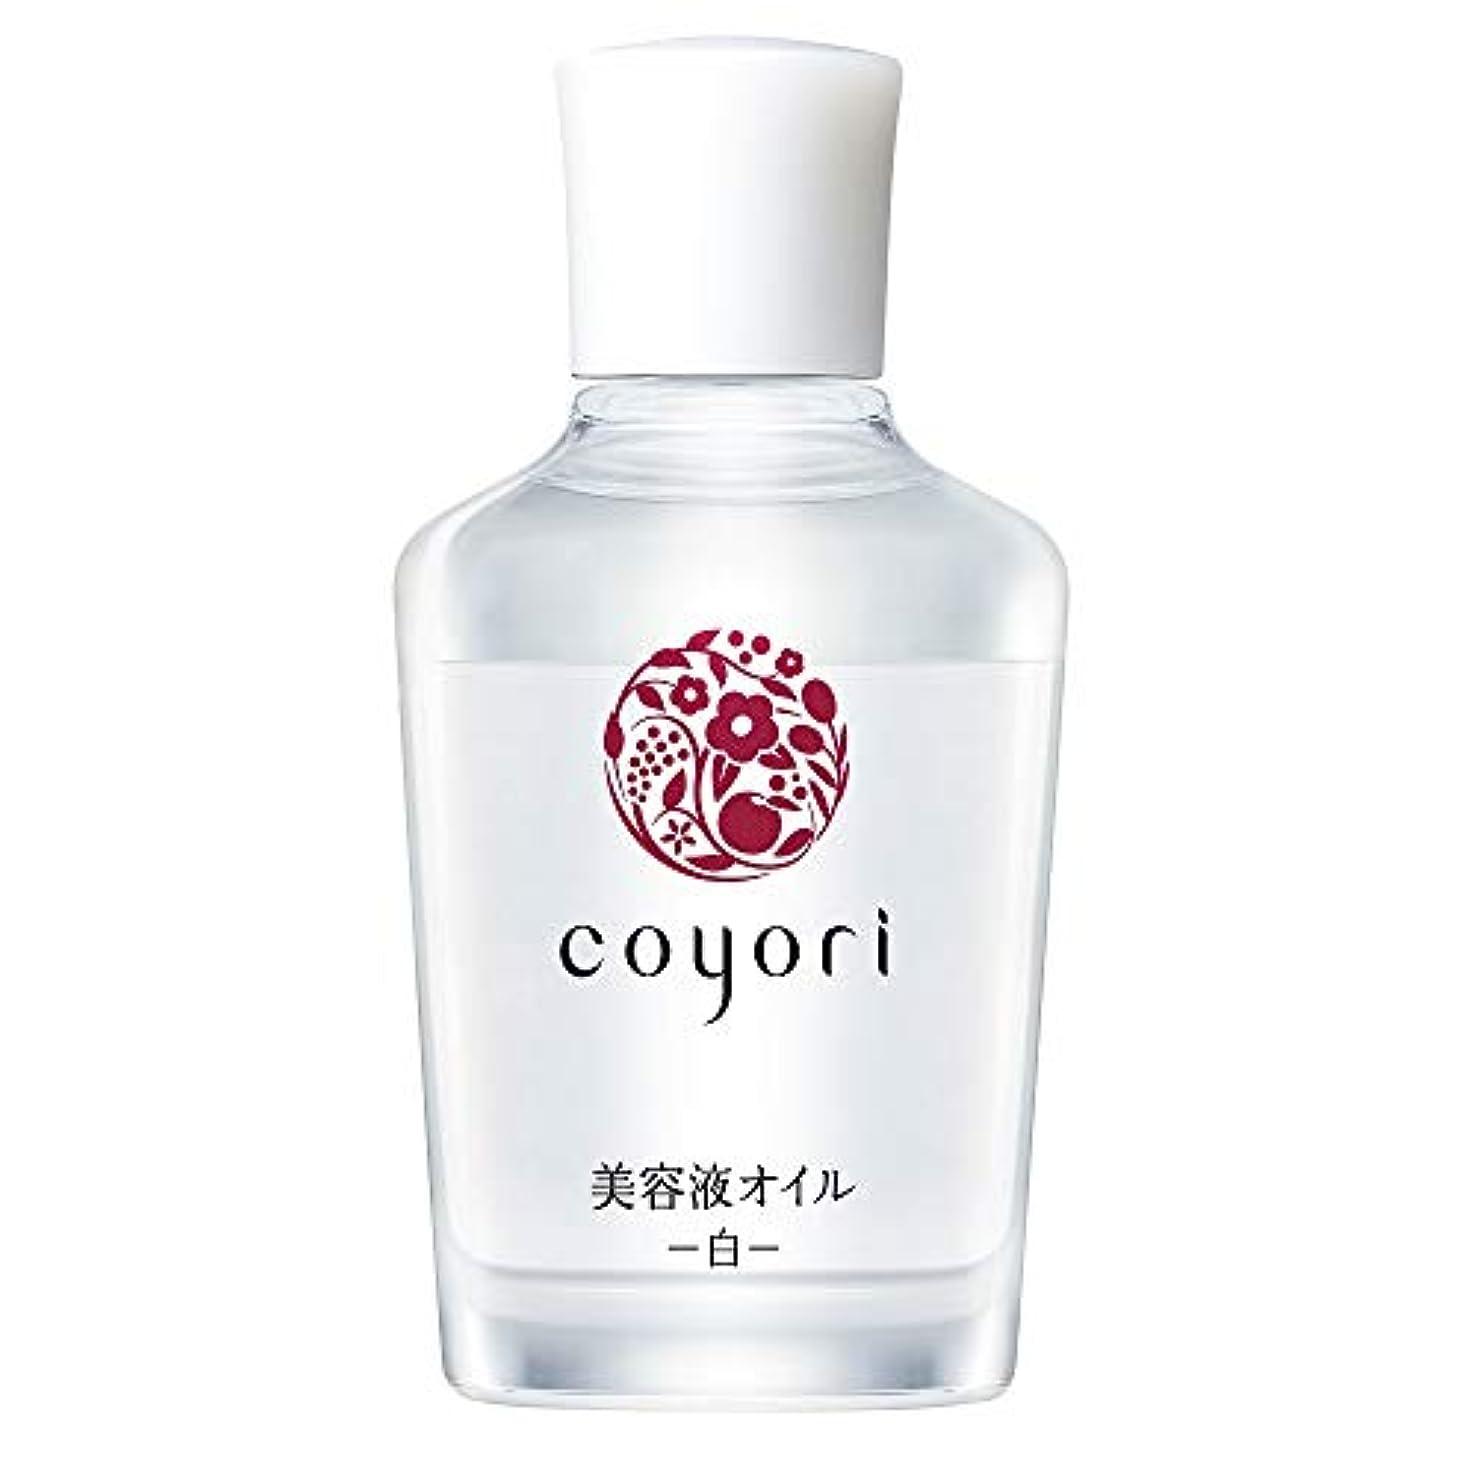 失敗安定見えない[公式] コヨリ 美容液オイル-白- 40mL 大容量 無添加[高機能 自然派 エイジングケア 乾燥肌 敏感肌 くすみ 乾燥 小じわ 対策用 もっちり ハリ ツヤ フェイスオイル ]